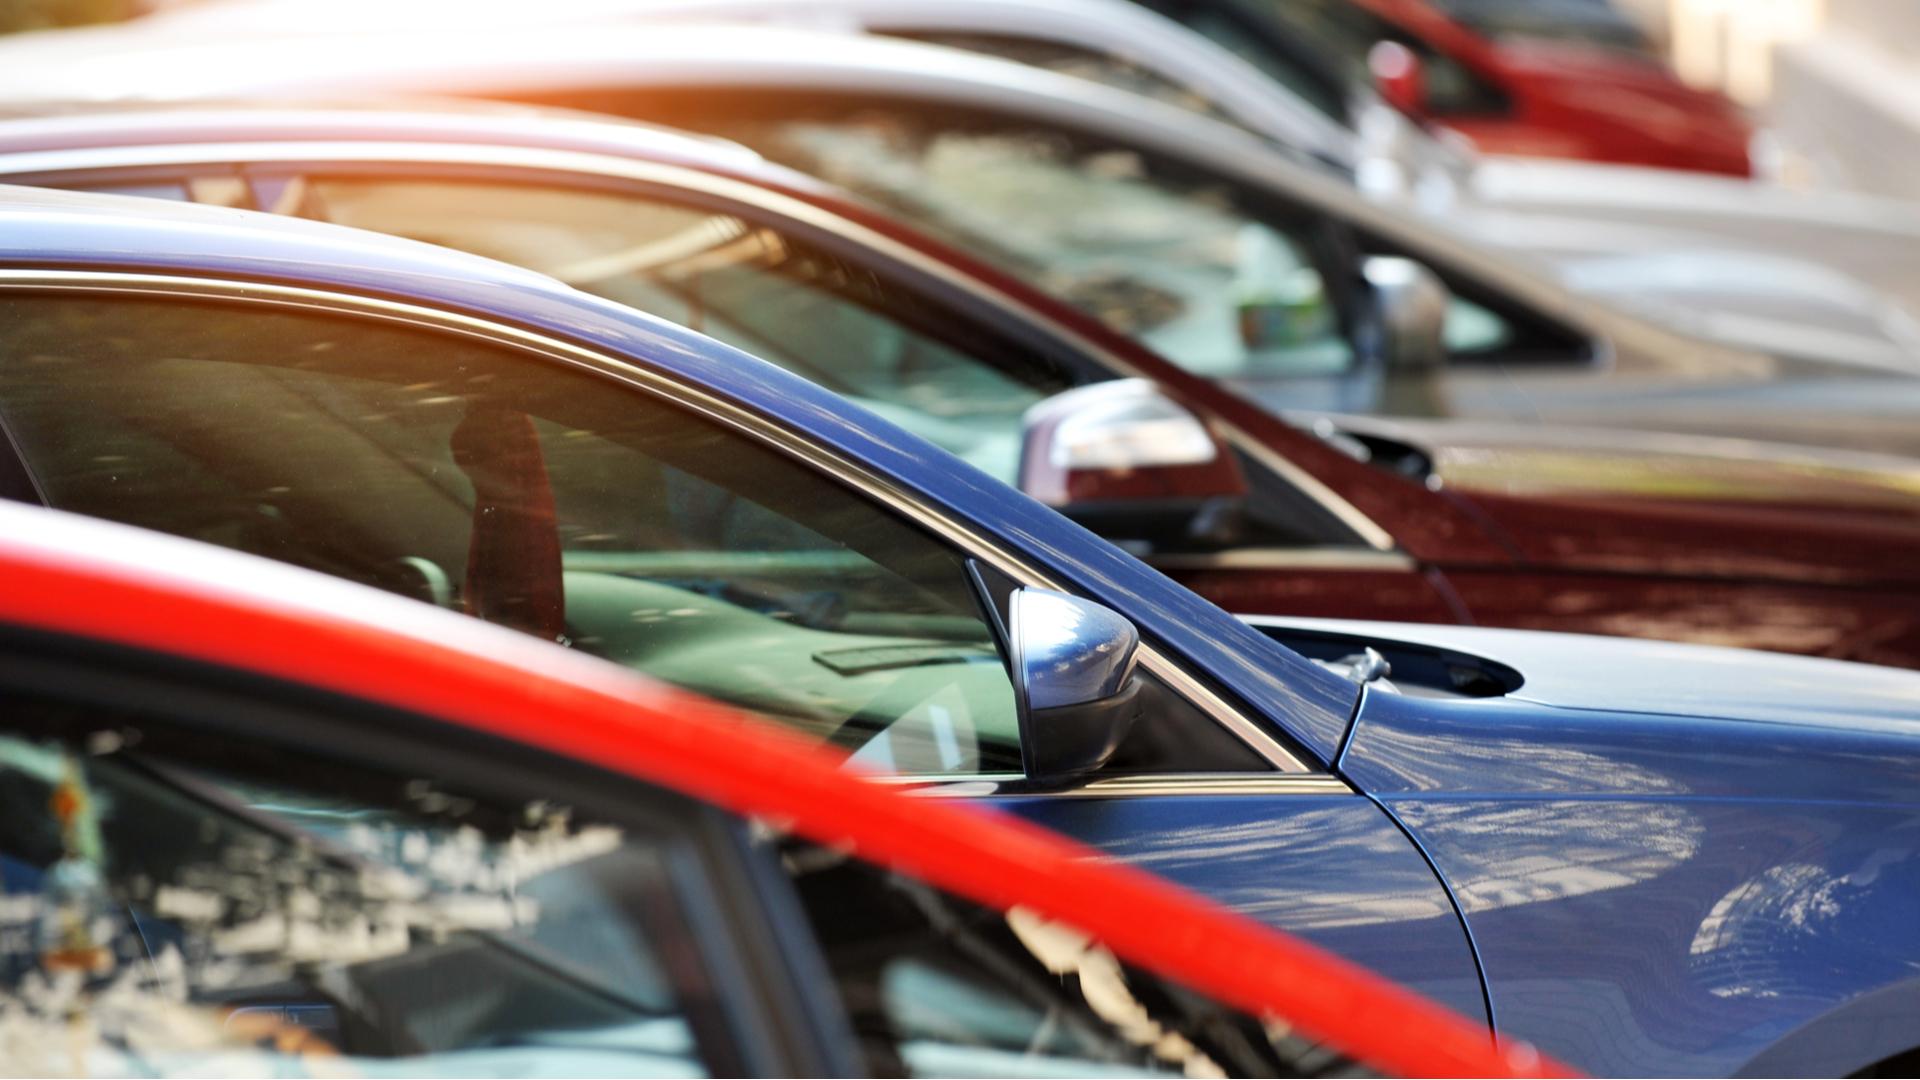 mercado de automoveis carros caoa shutterstock 611533595